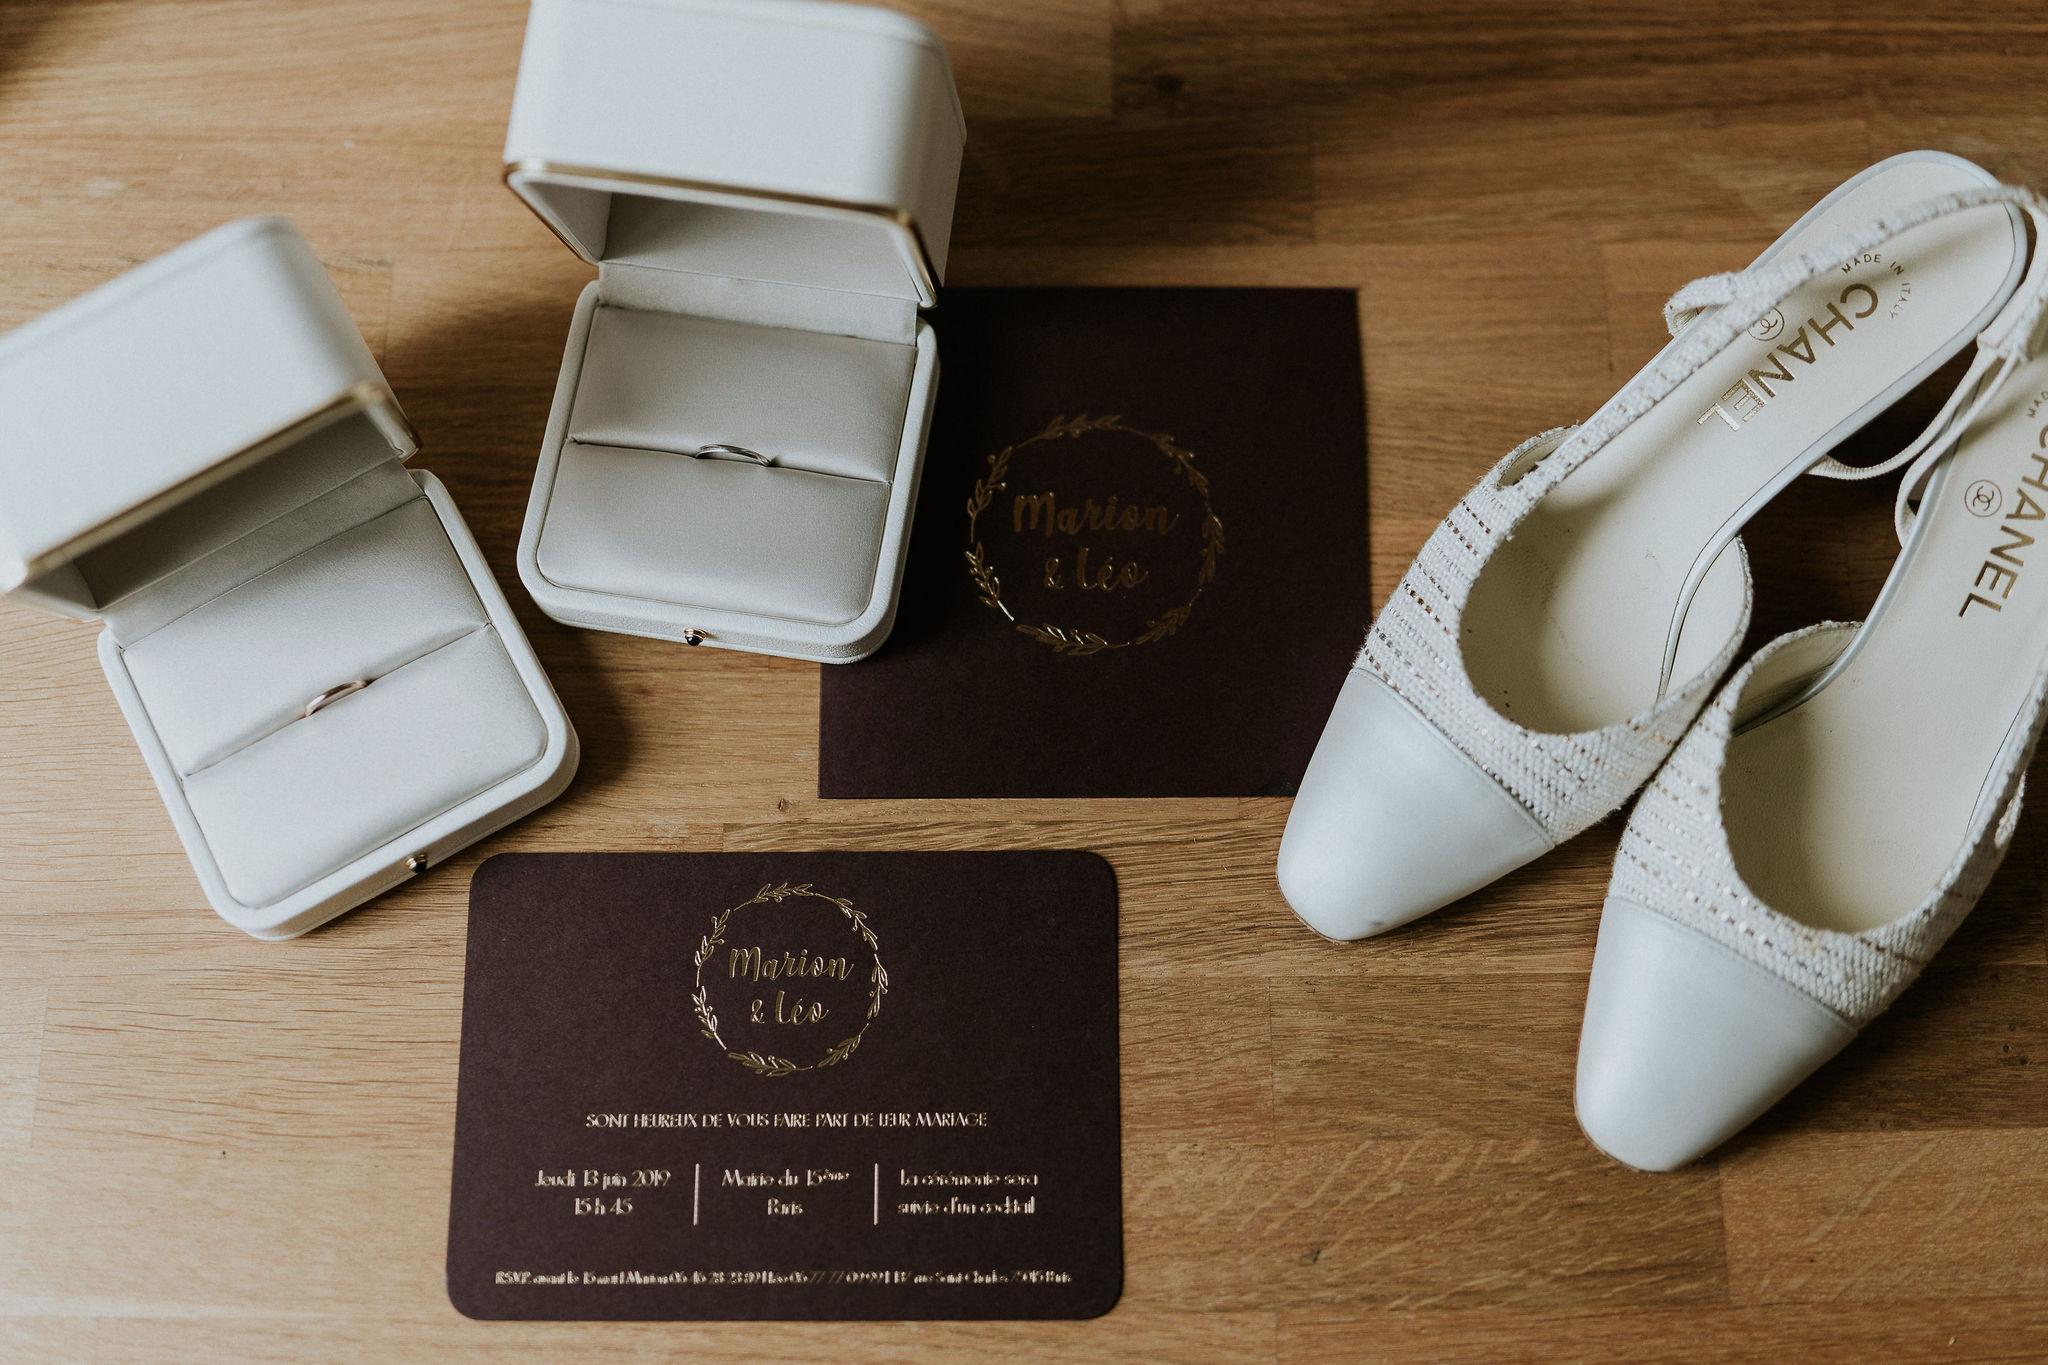 Fleuriste mariage, design floral, mariage à paris, décoratrice paris, mariage sur les toits de paris, red velvet, rouge velours, mariage, Chanel mariage